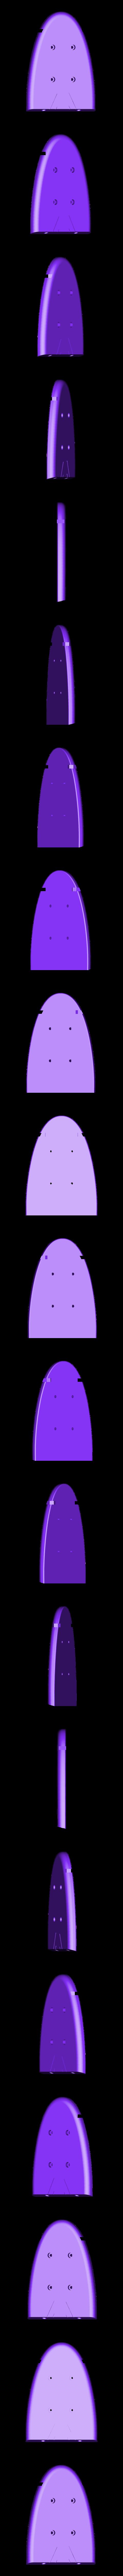 skate-av.STL Download free STL file SkateBoard • 3D printing template, dagomafr